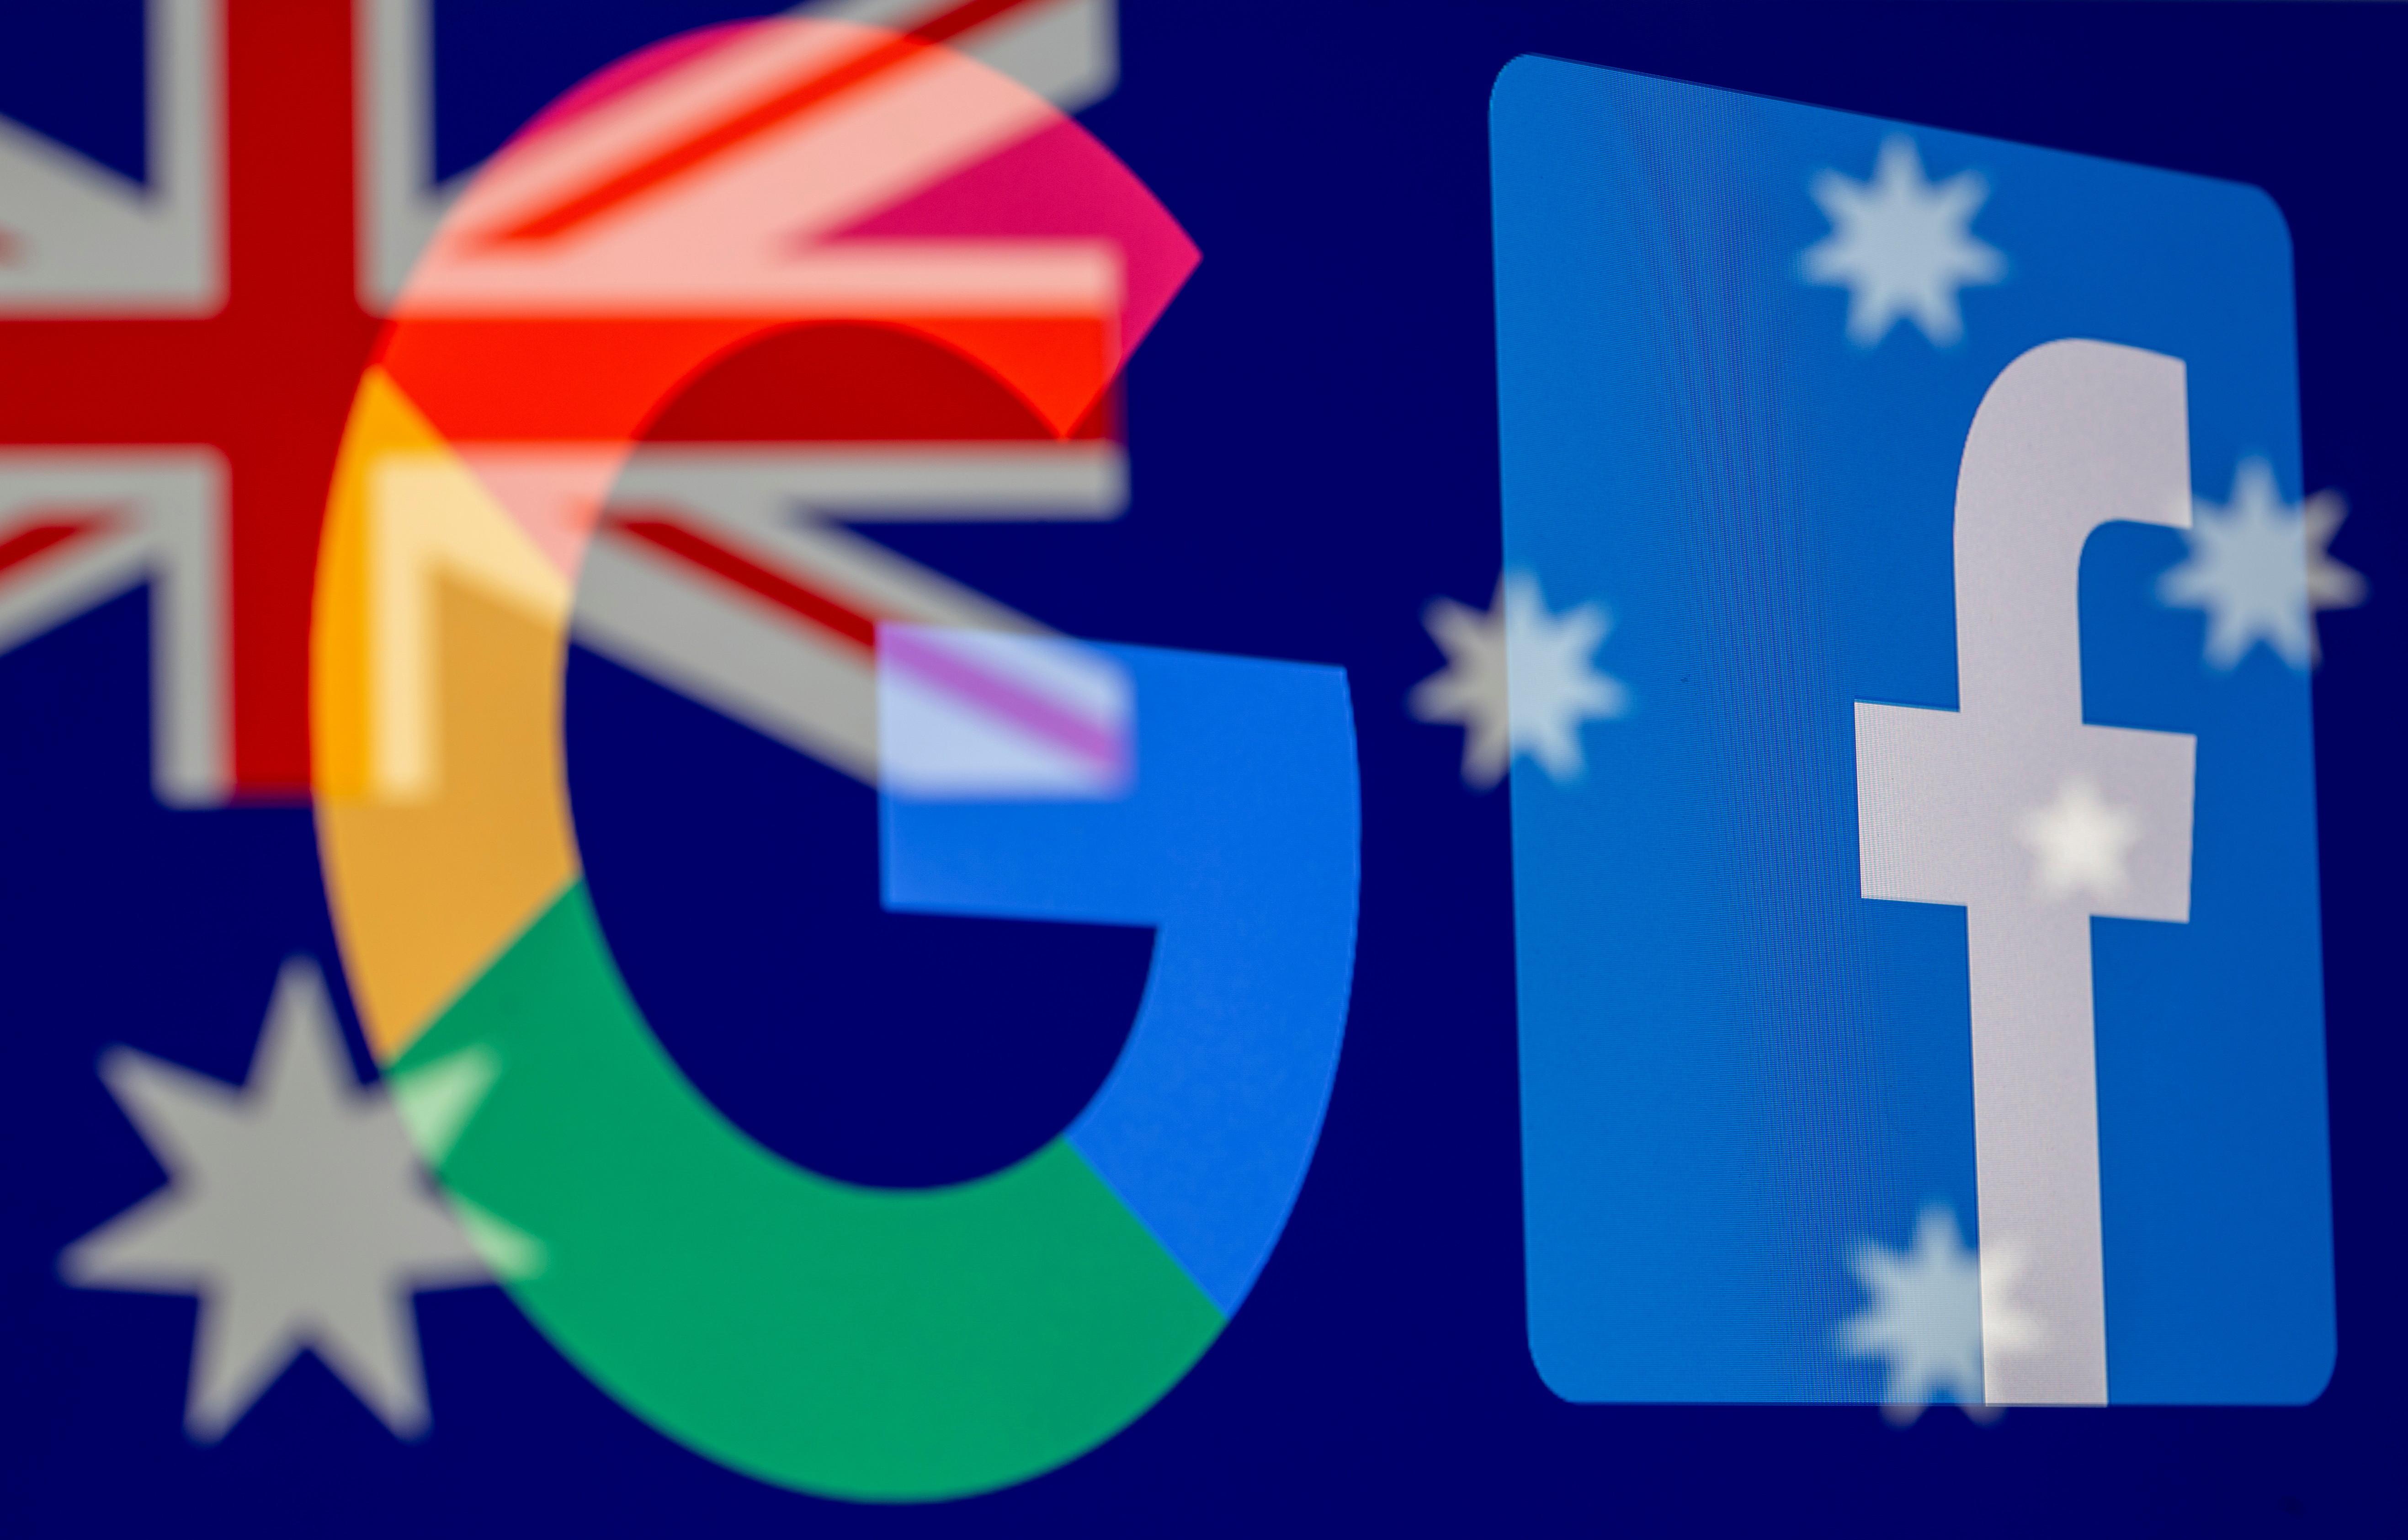 google,谷歌,臉書,媒體,新聞,澳洲,蘋果,新聞媒體,社群,網路平台,監管